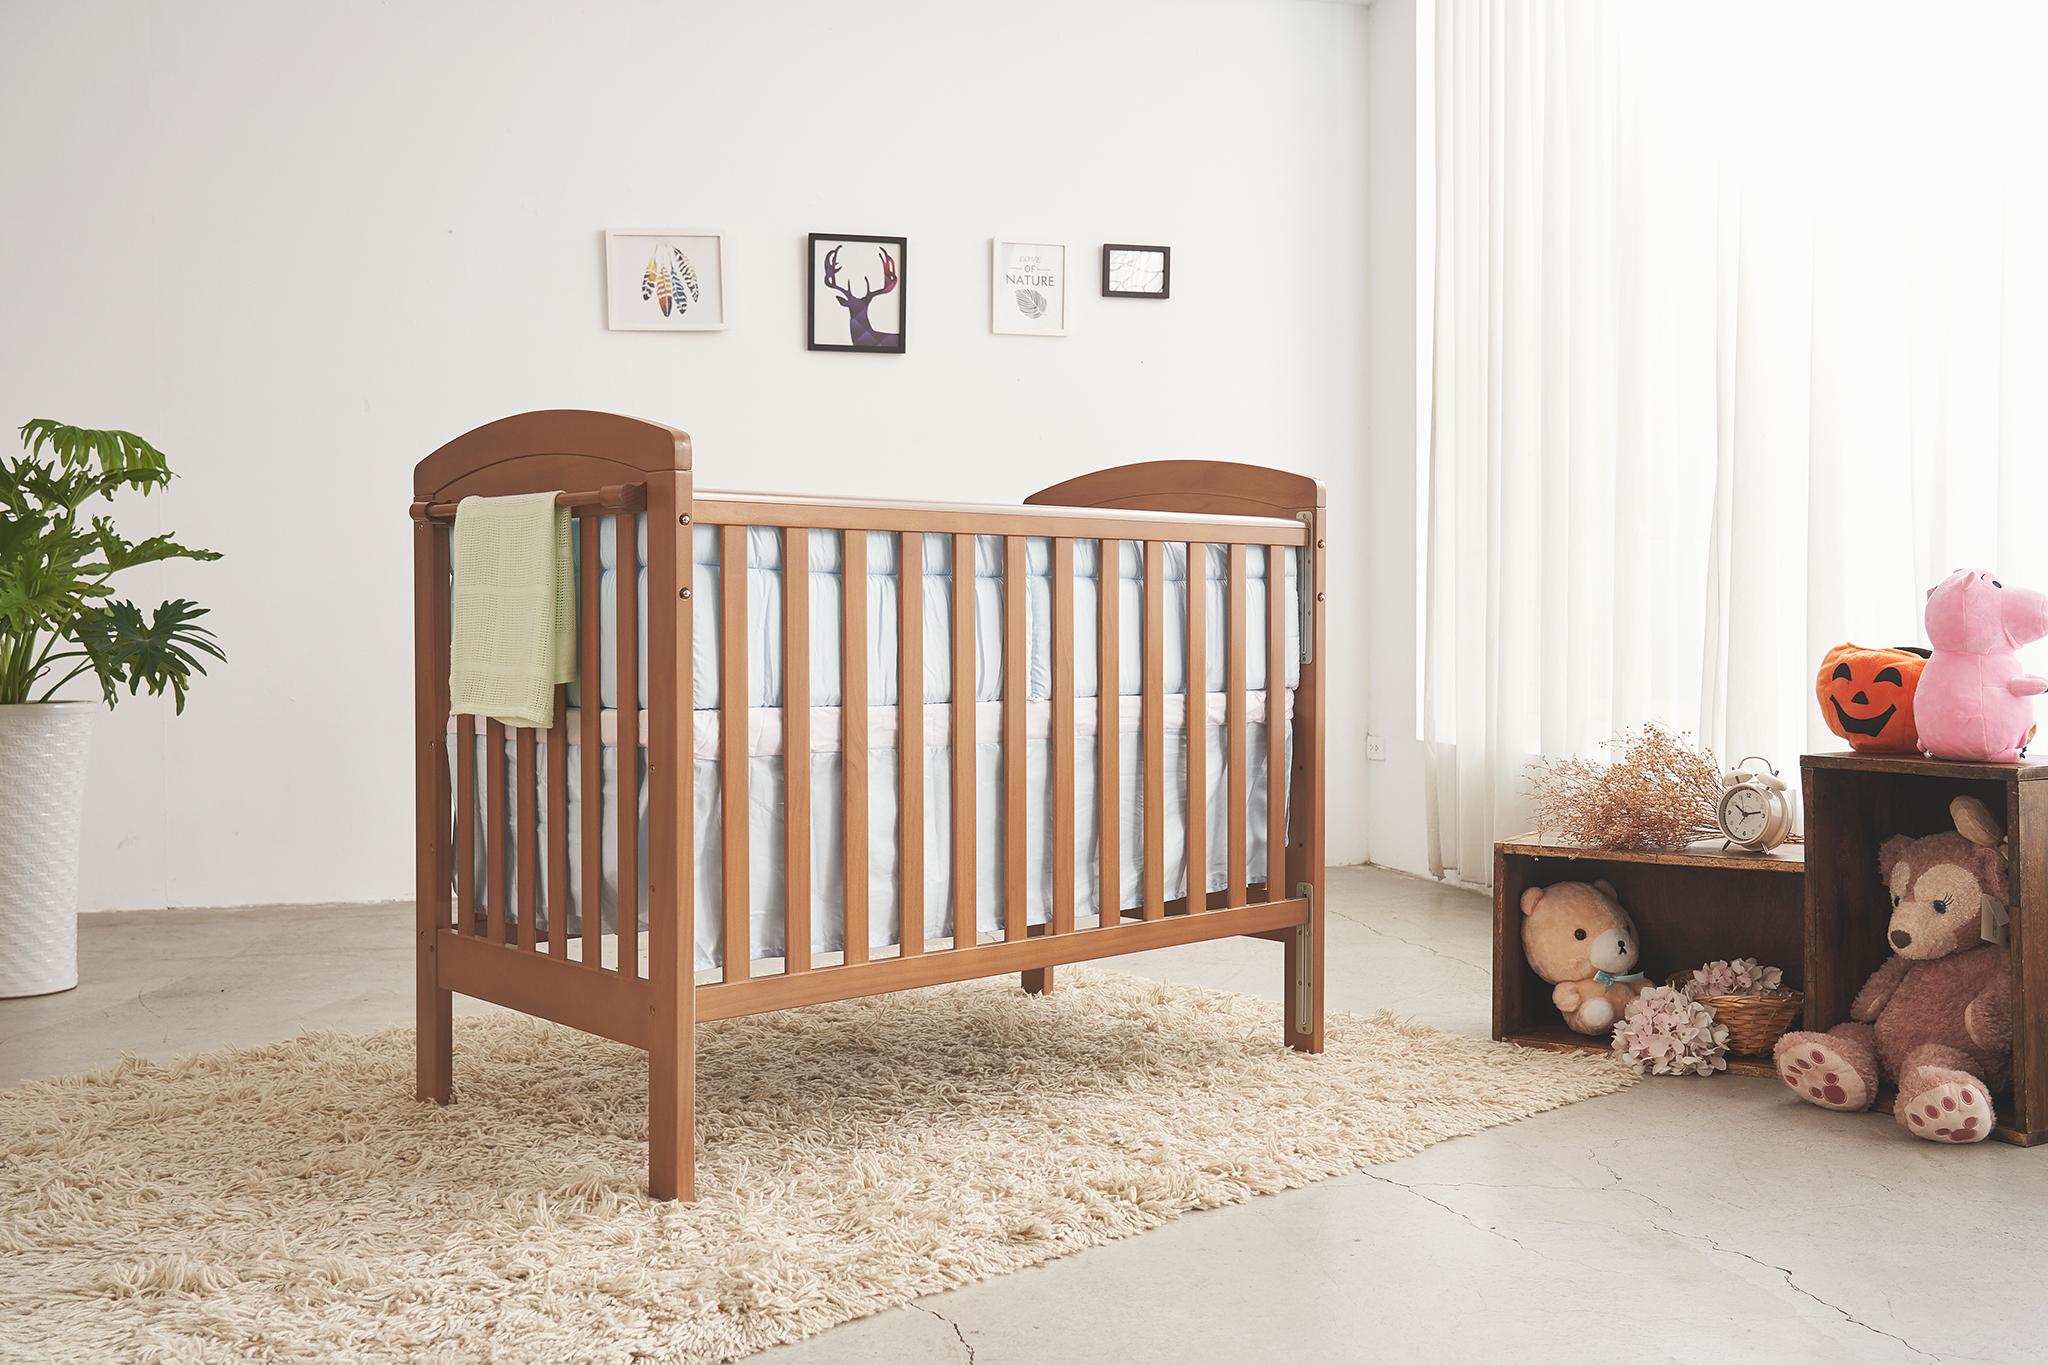 台中amazon商品攝影嬰兒床拍攝亞馬遜去背拍攝彰化攝影棚